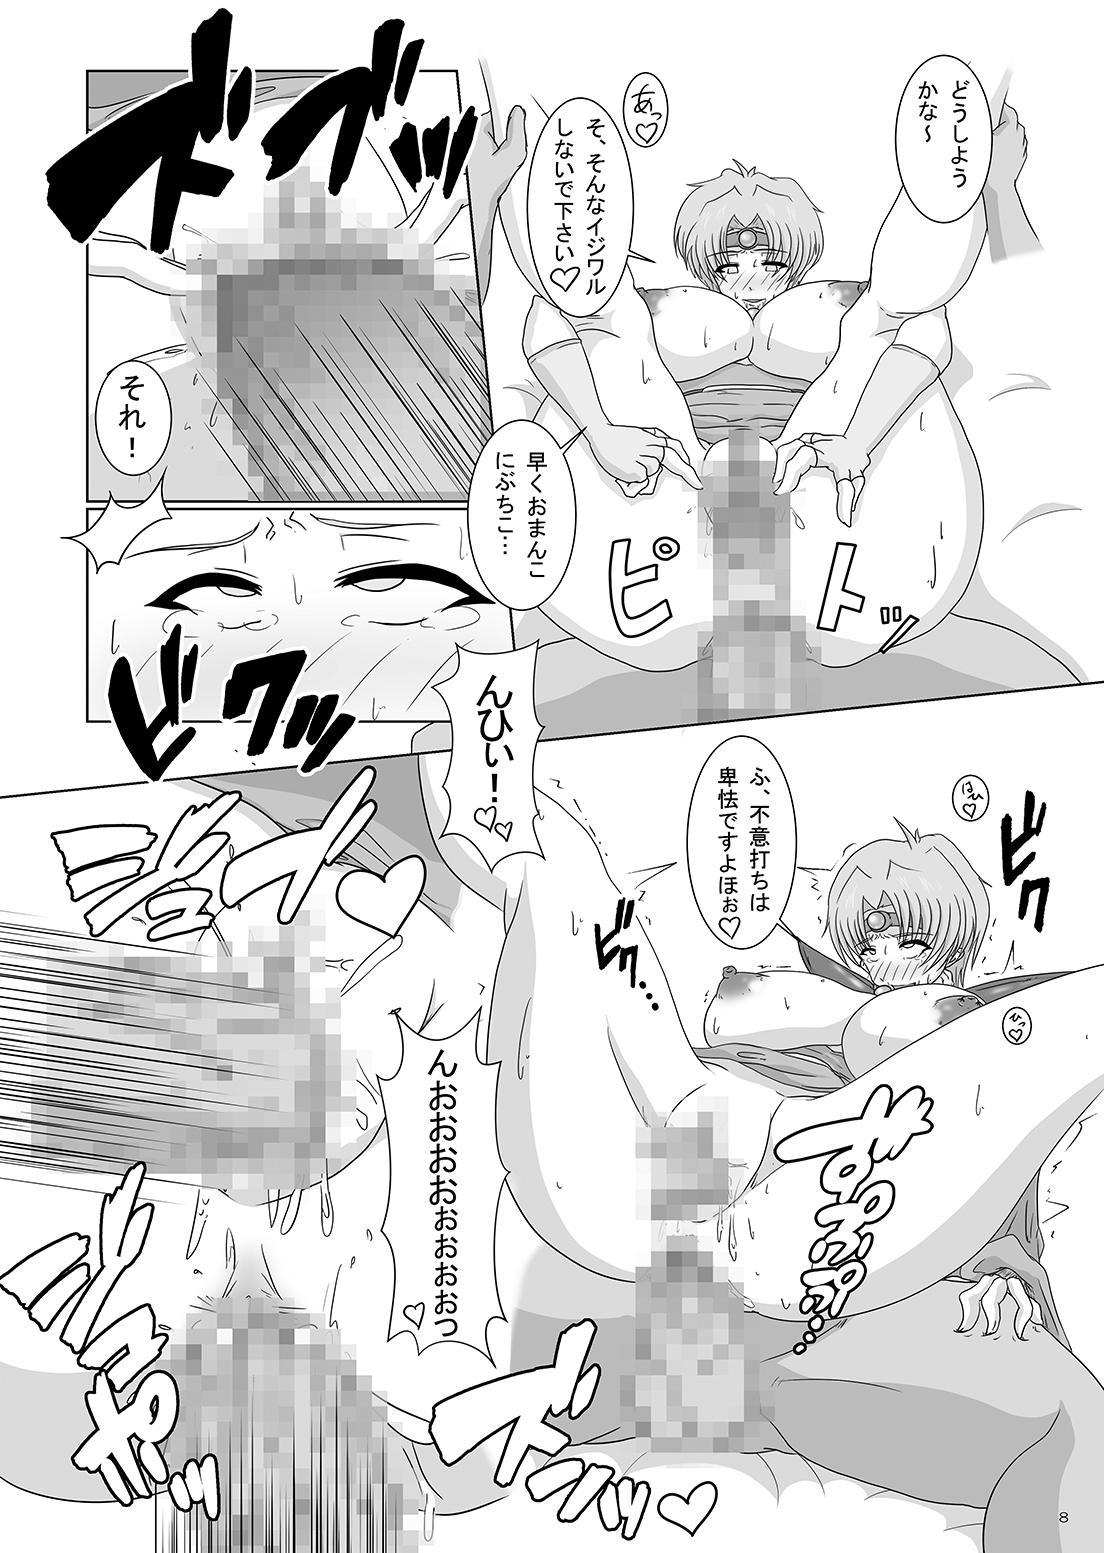 Bakunyuu Chitai wo Abakare Ikimakuru Heroine Tachi 6